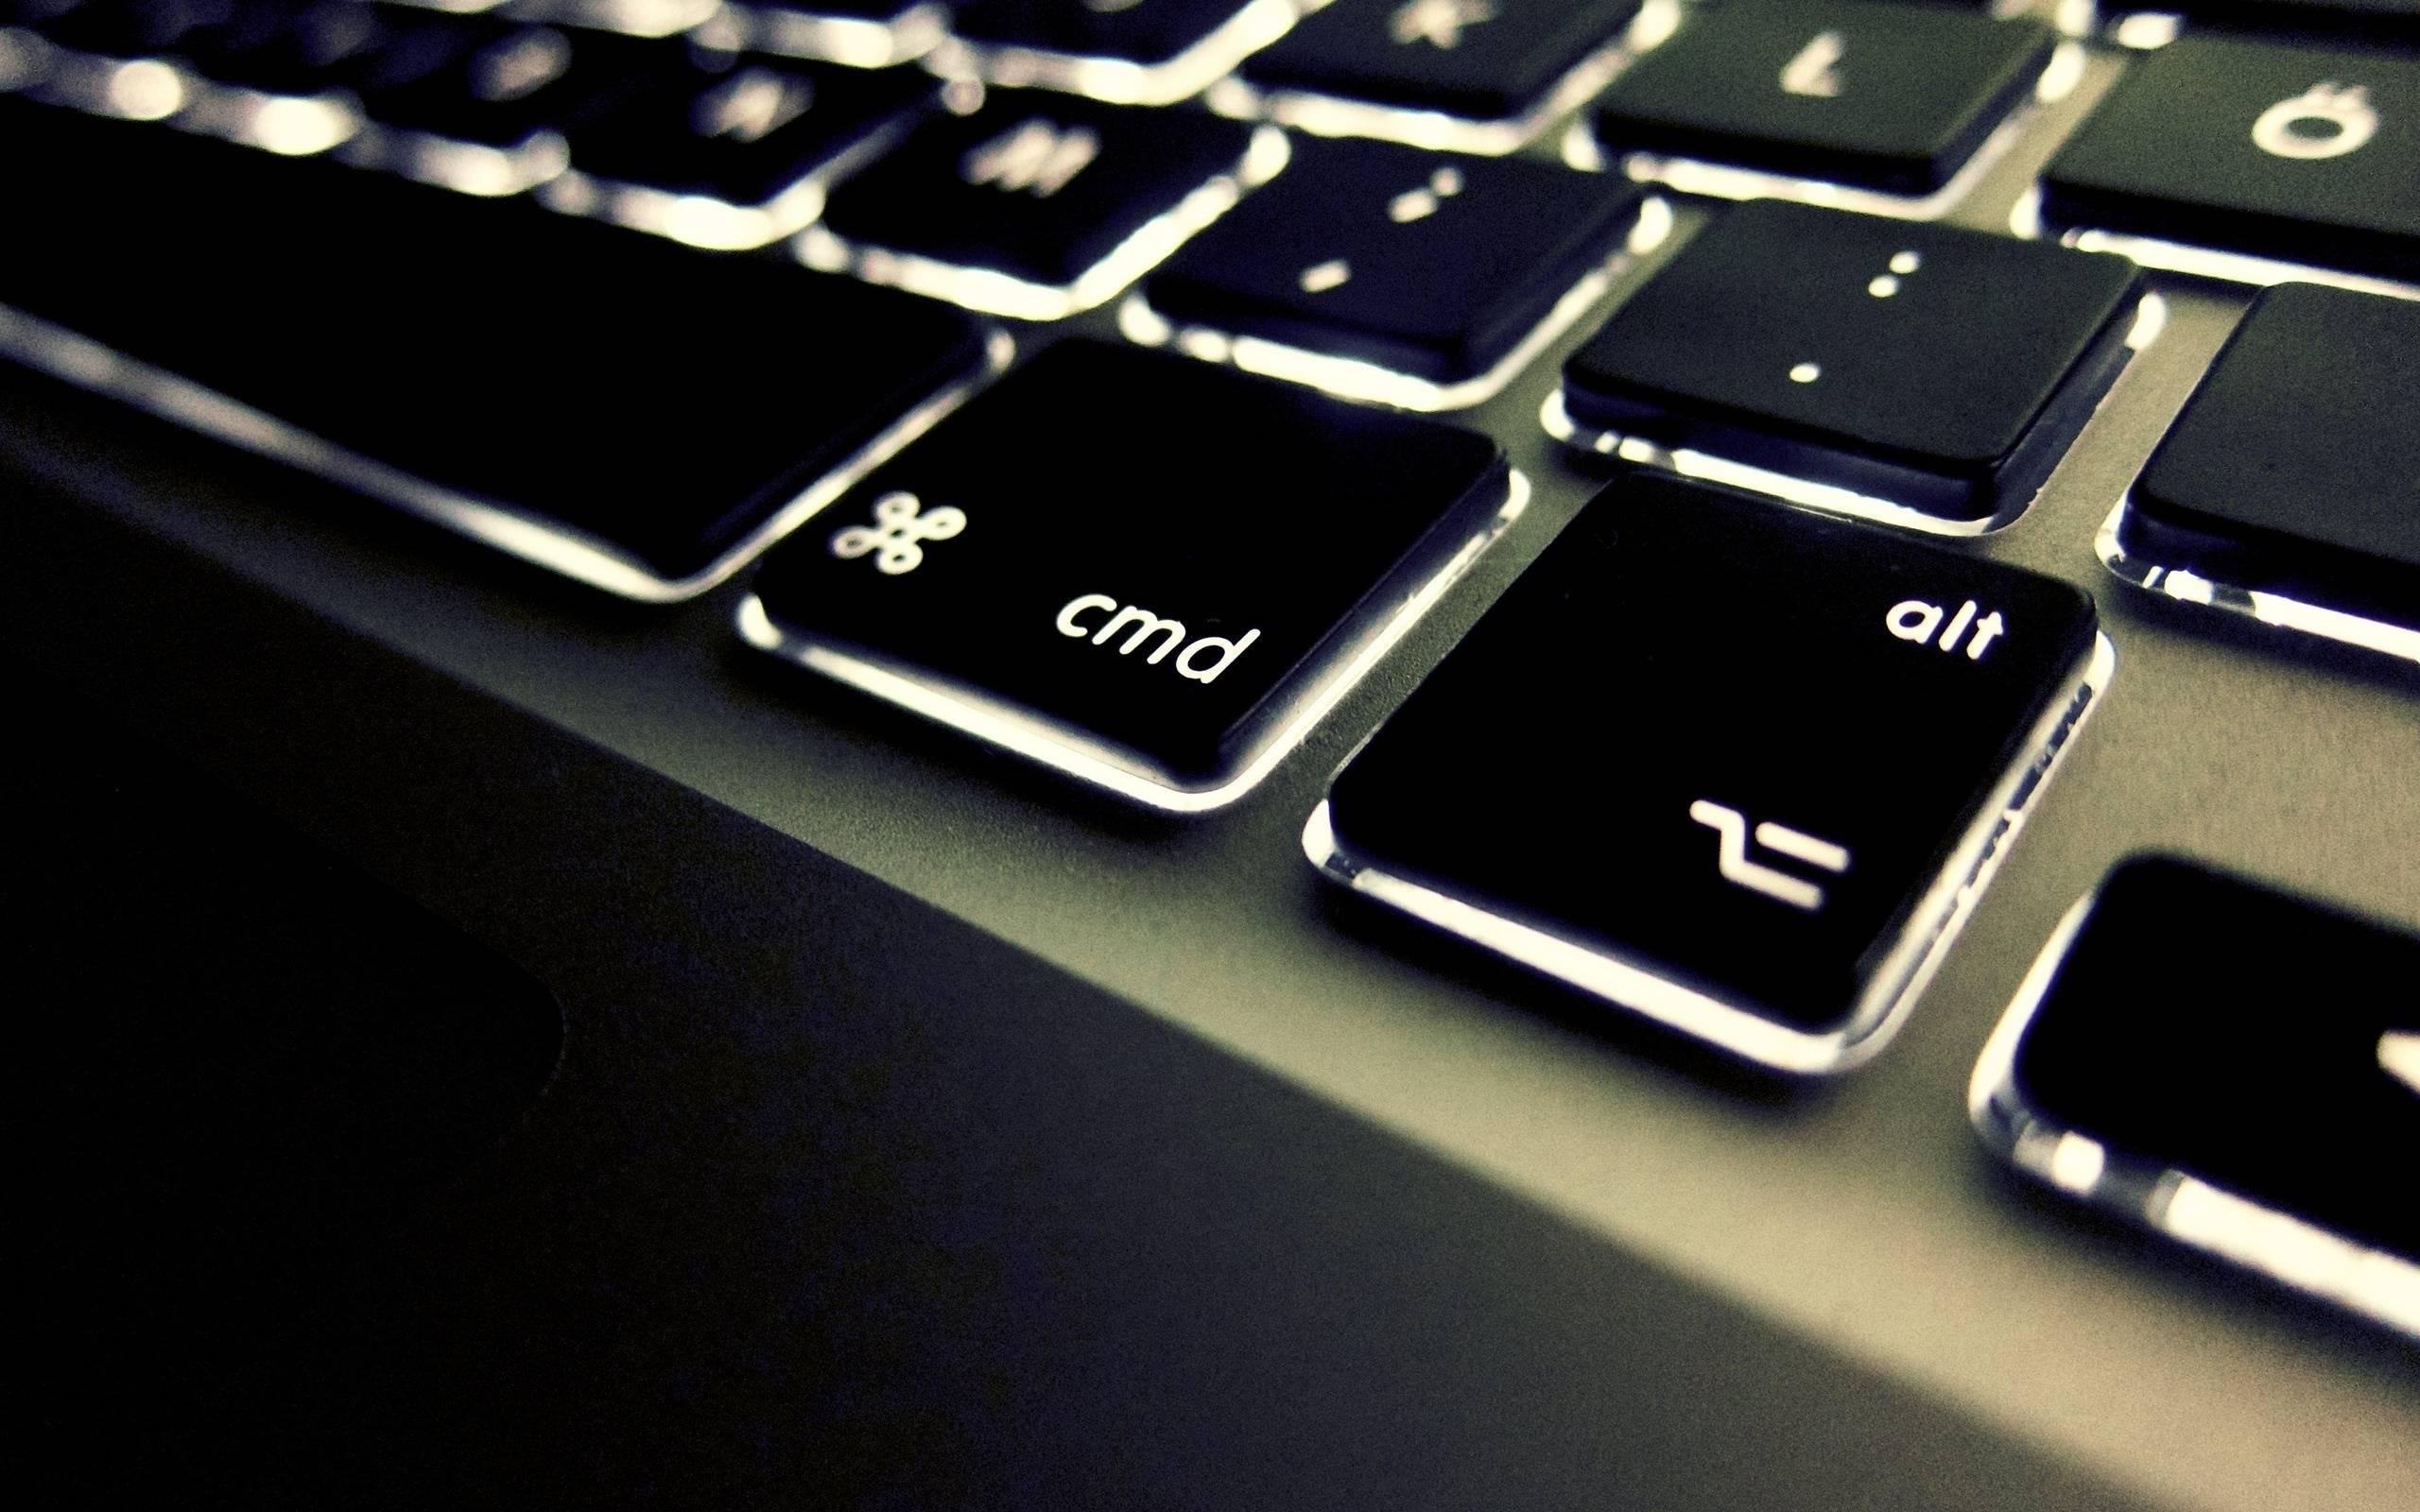 Kako ubrzati rad kompjutera?